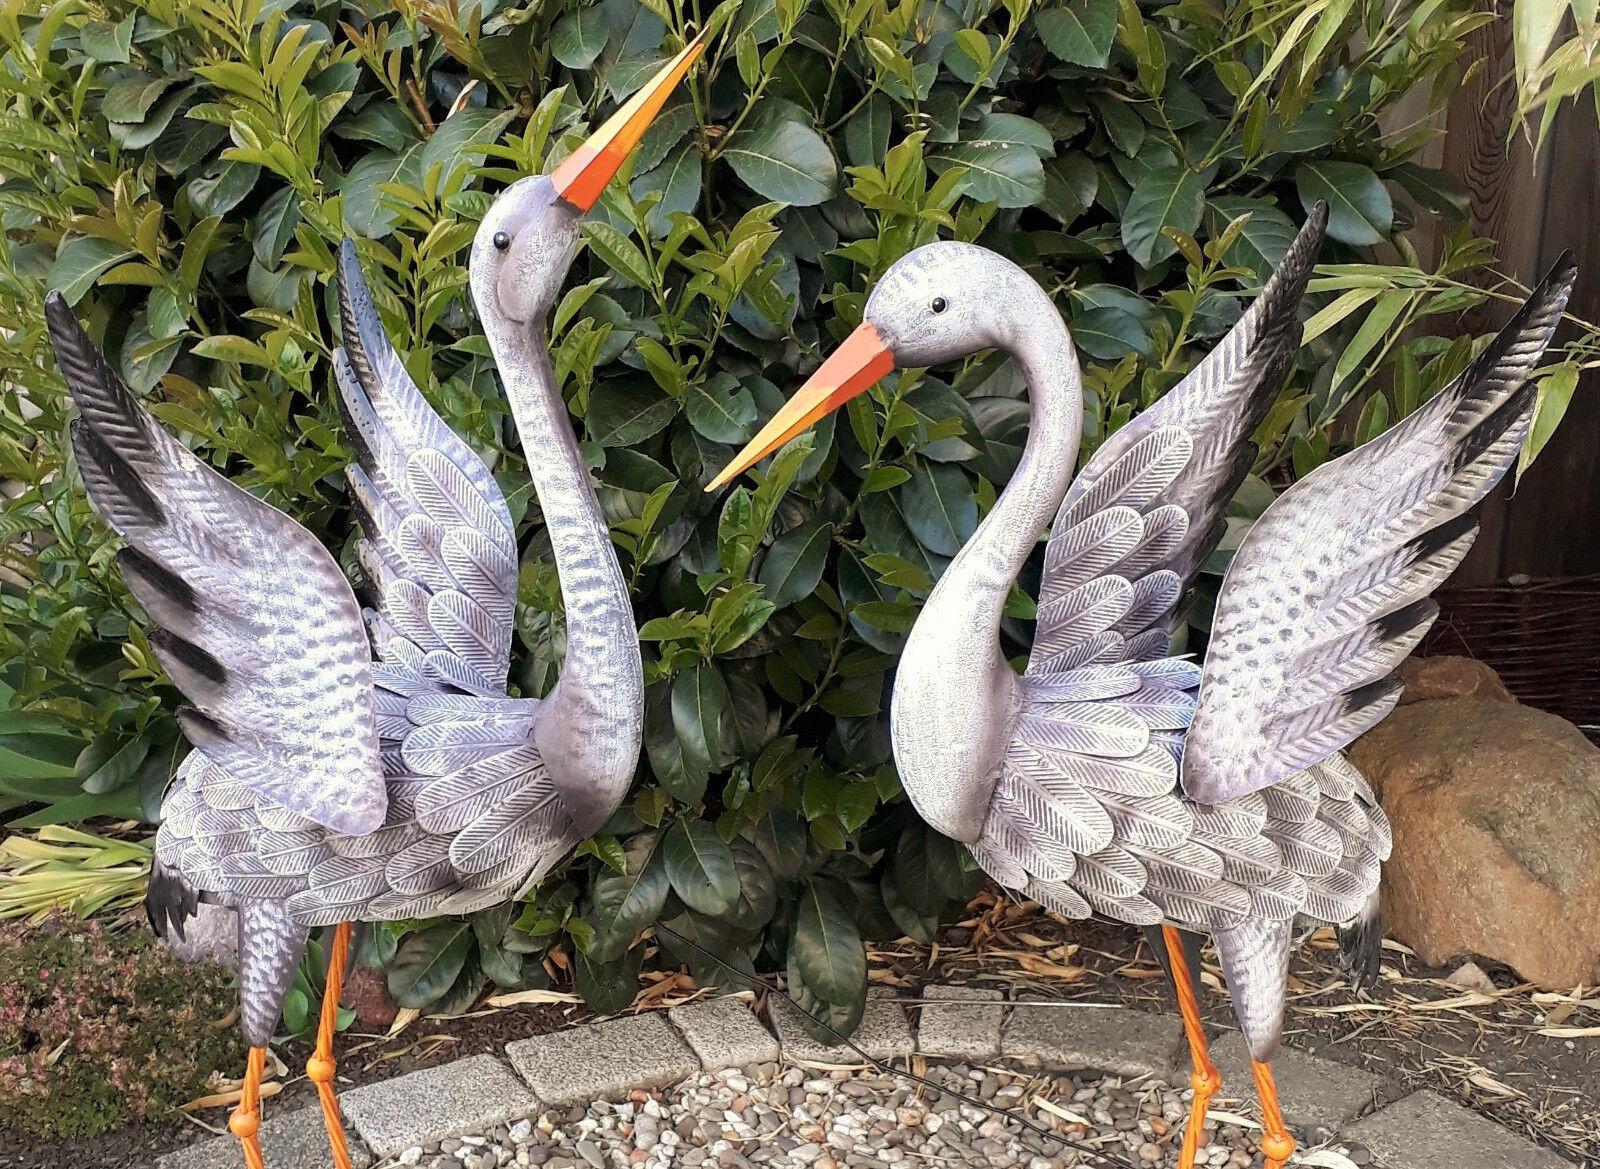 è scontato Personaggio Personaggio Personaggio da giardino 2er Set gru metallo Animali Uccelli Decorazione Stagno altezza 92cm+ 80cm  migliori prezzi e stili più freschi